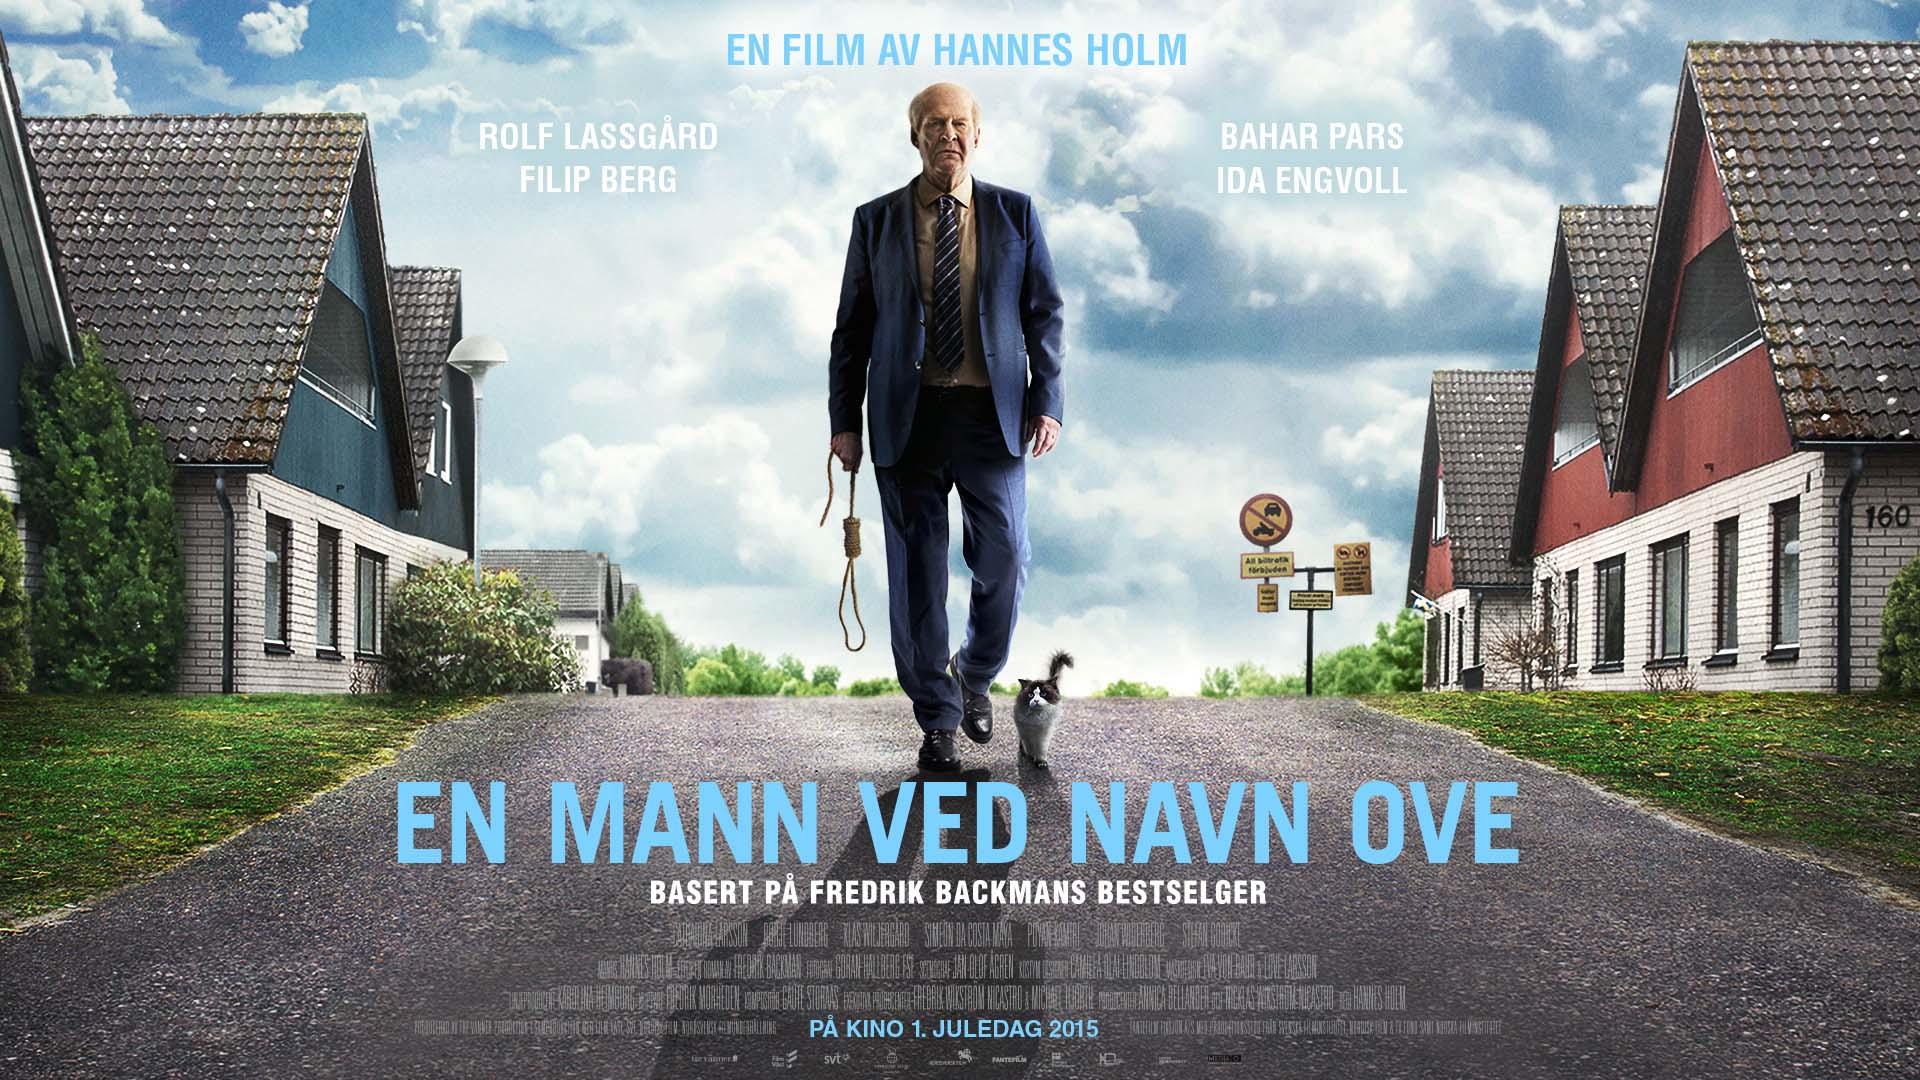 Sistestopp Com En Mann Ved Navn Ove Film Amp Tv